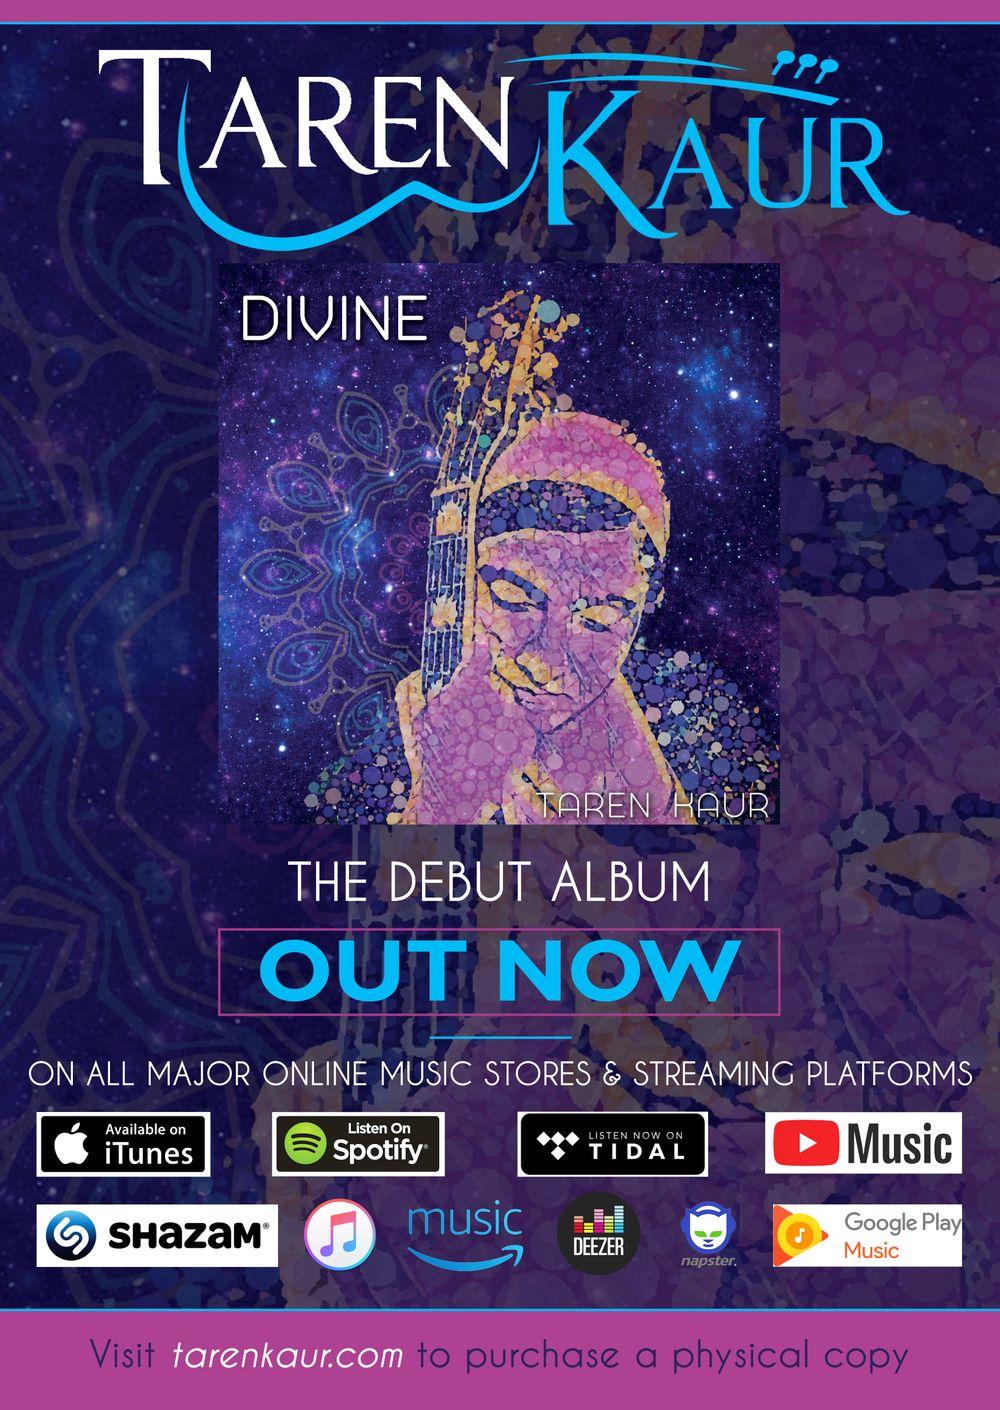 he Debut Album by Taren Kaur